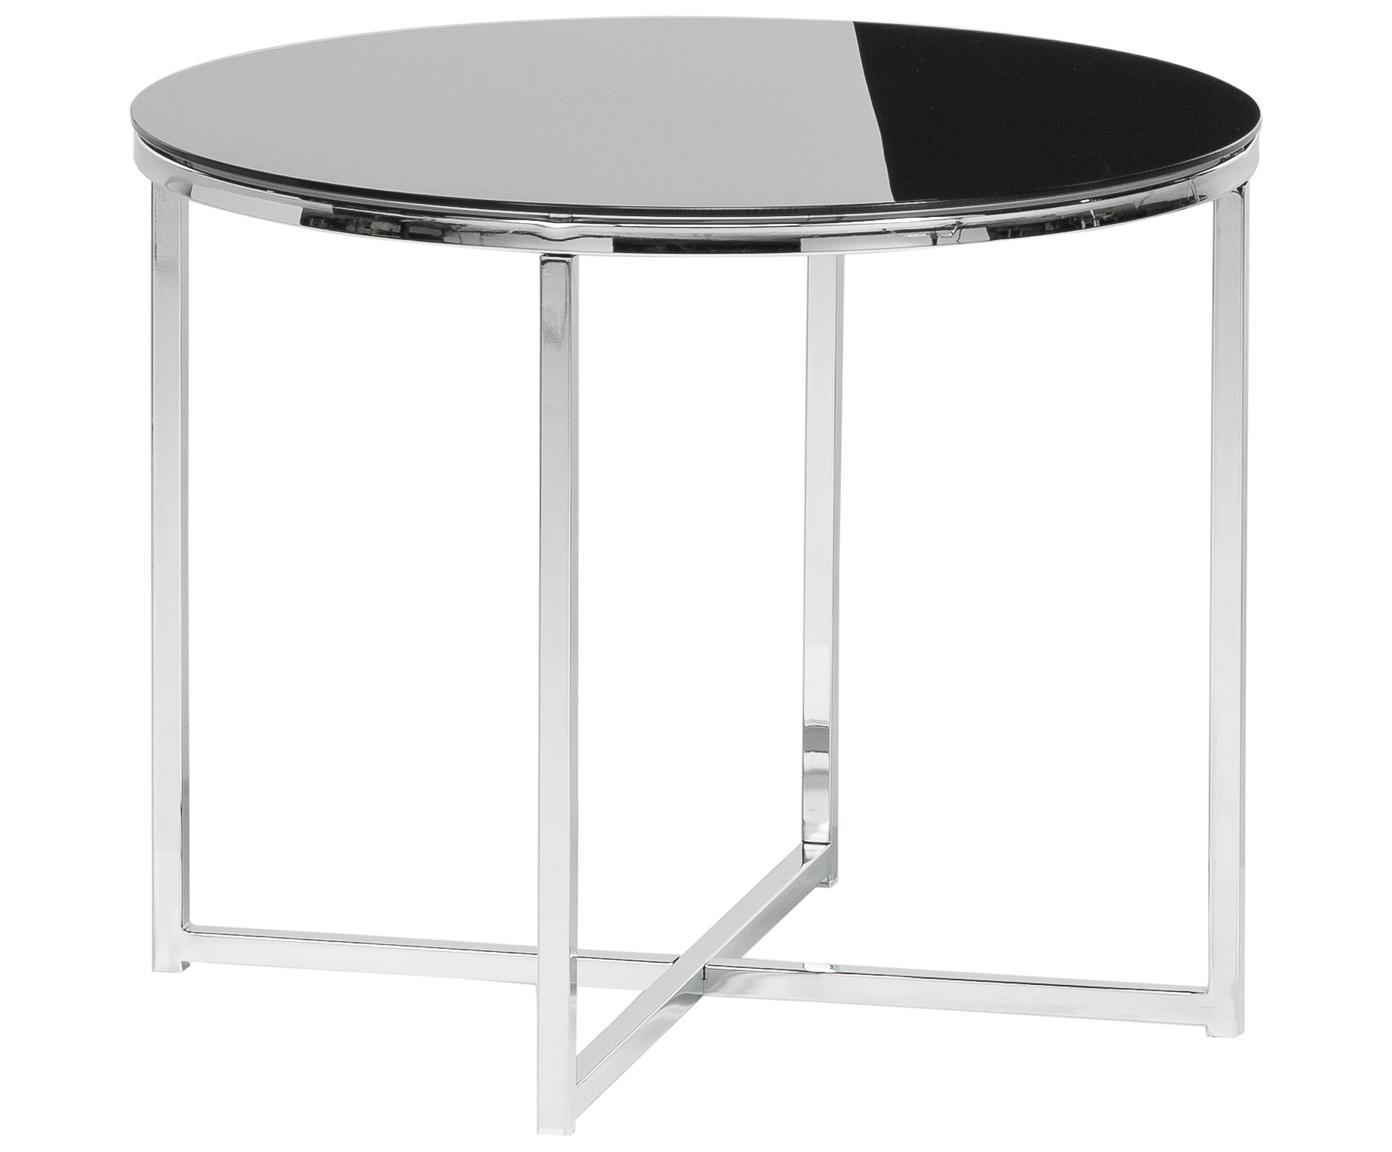 Stolik pomocniczy ze szklanym blatem Cross, Nogi: metal chromowany, Blat: szkło, Czarny, metal chromowany, Ø 55 x W 45 cm